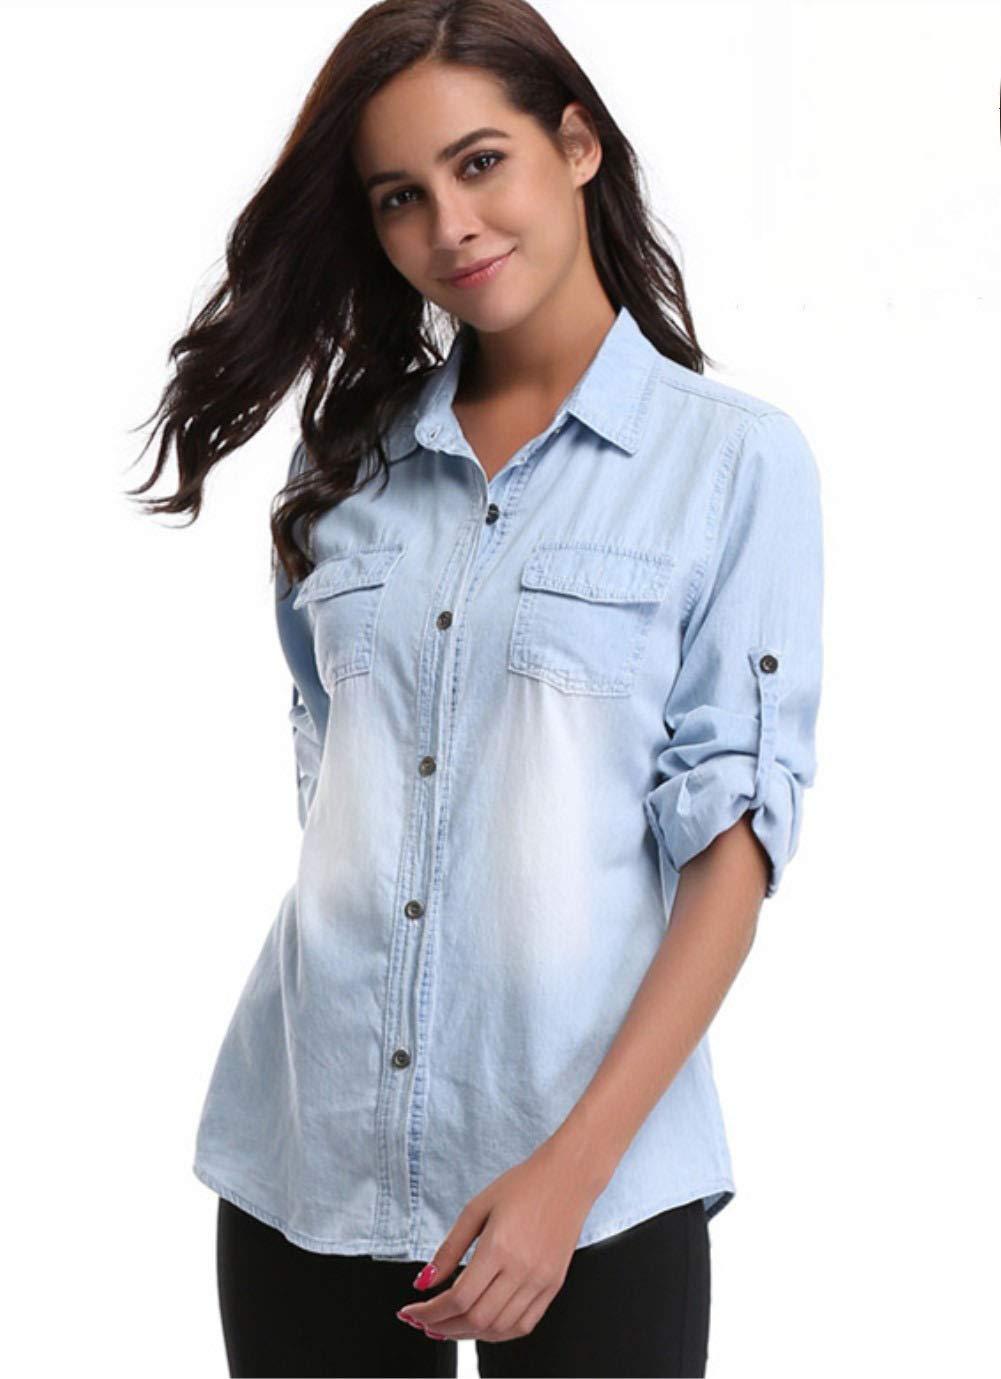 e9648a471c18 Chambray Shirt Women Denim Tops Lightweight Button Down Long Sleeve Jean  Shirt